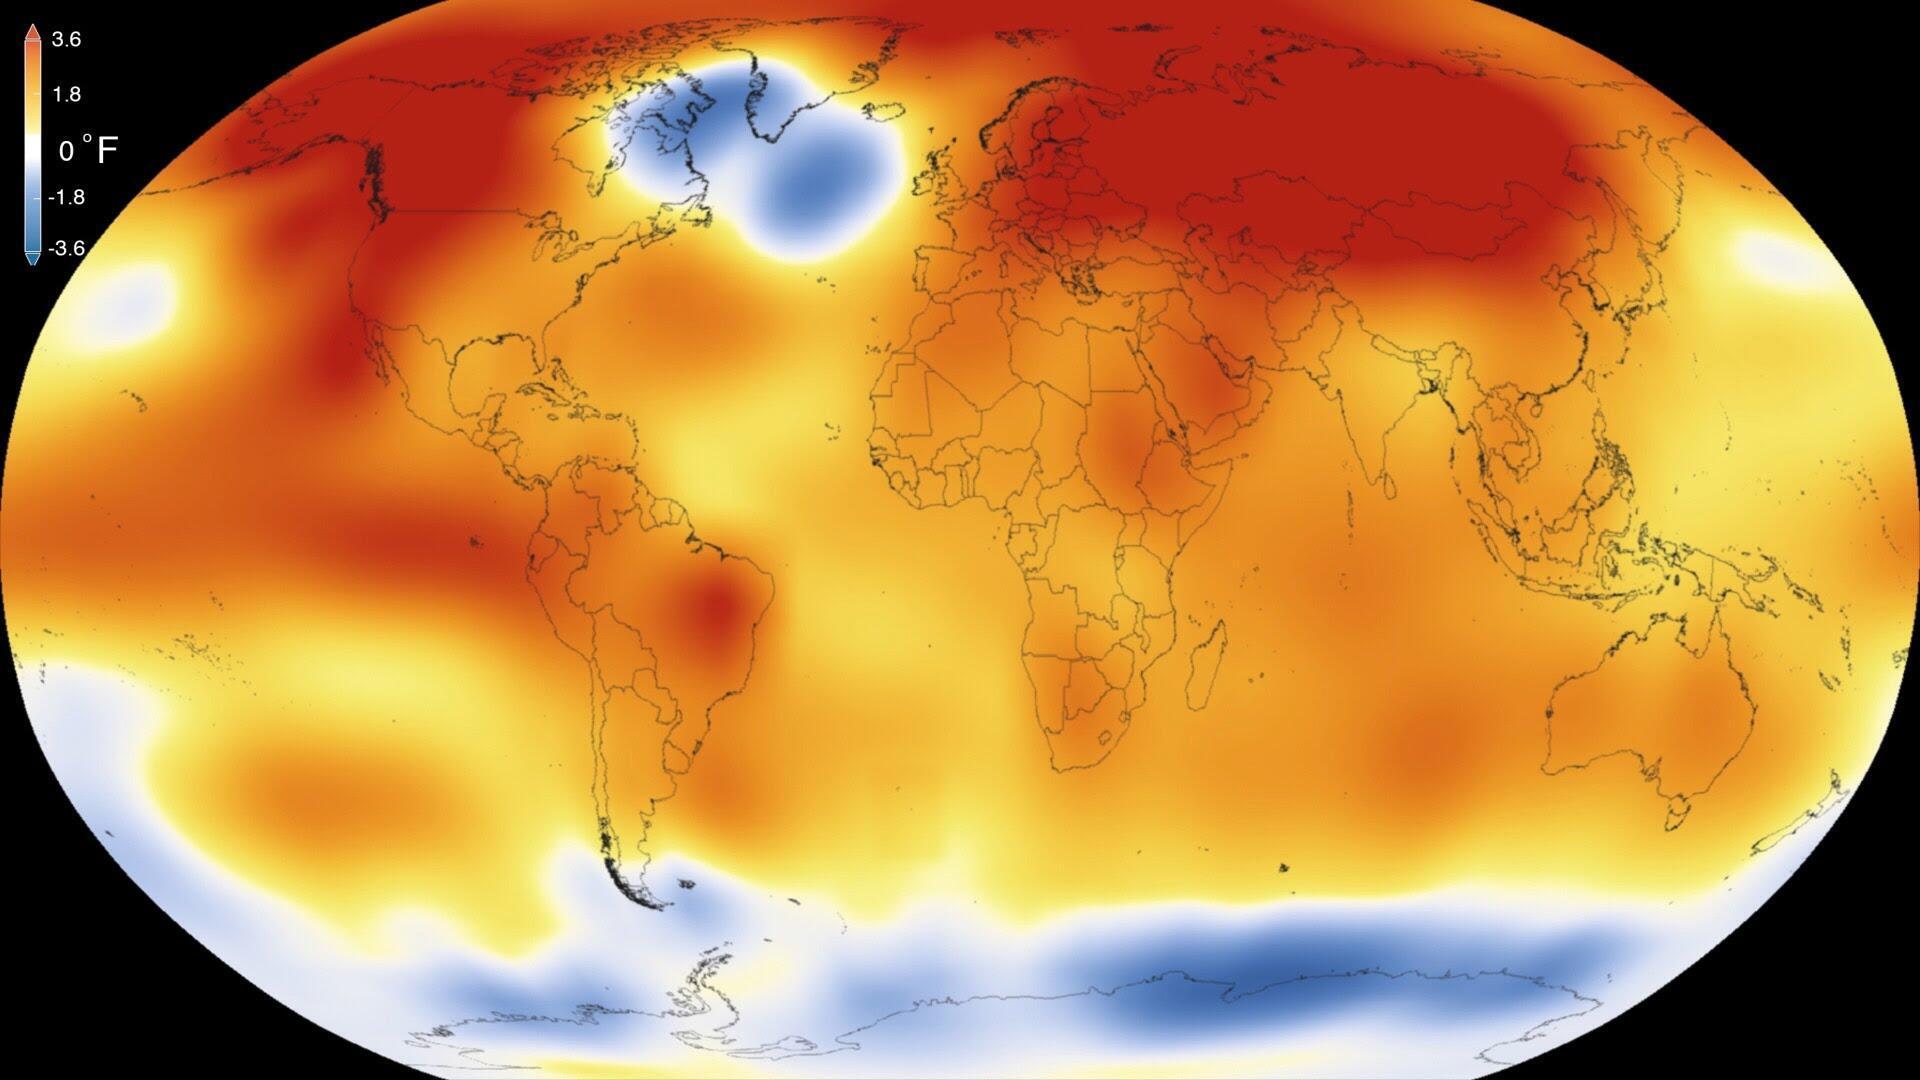 گرمایش زمین - تصویر آرشیوی